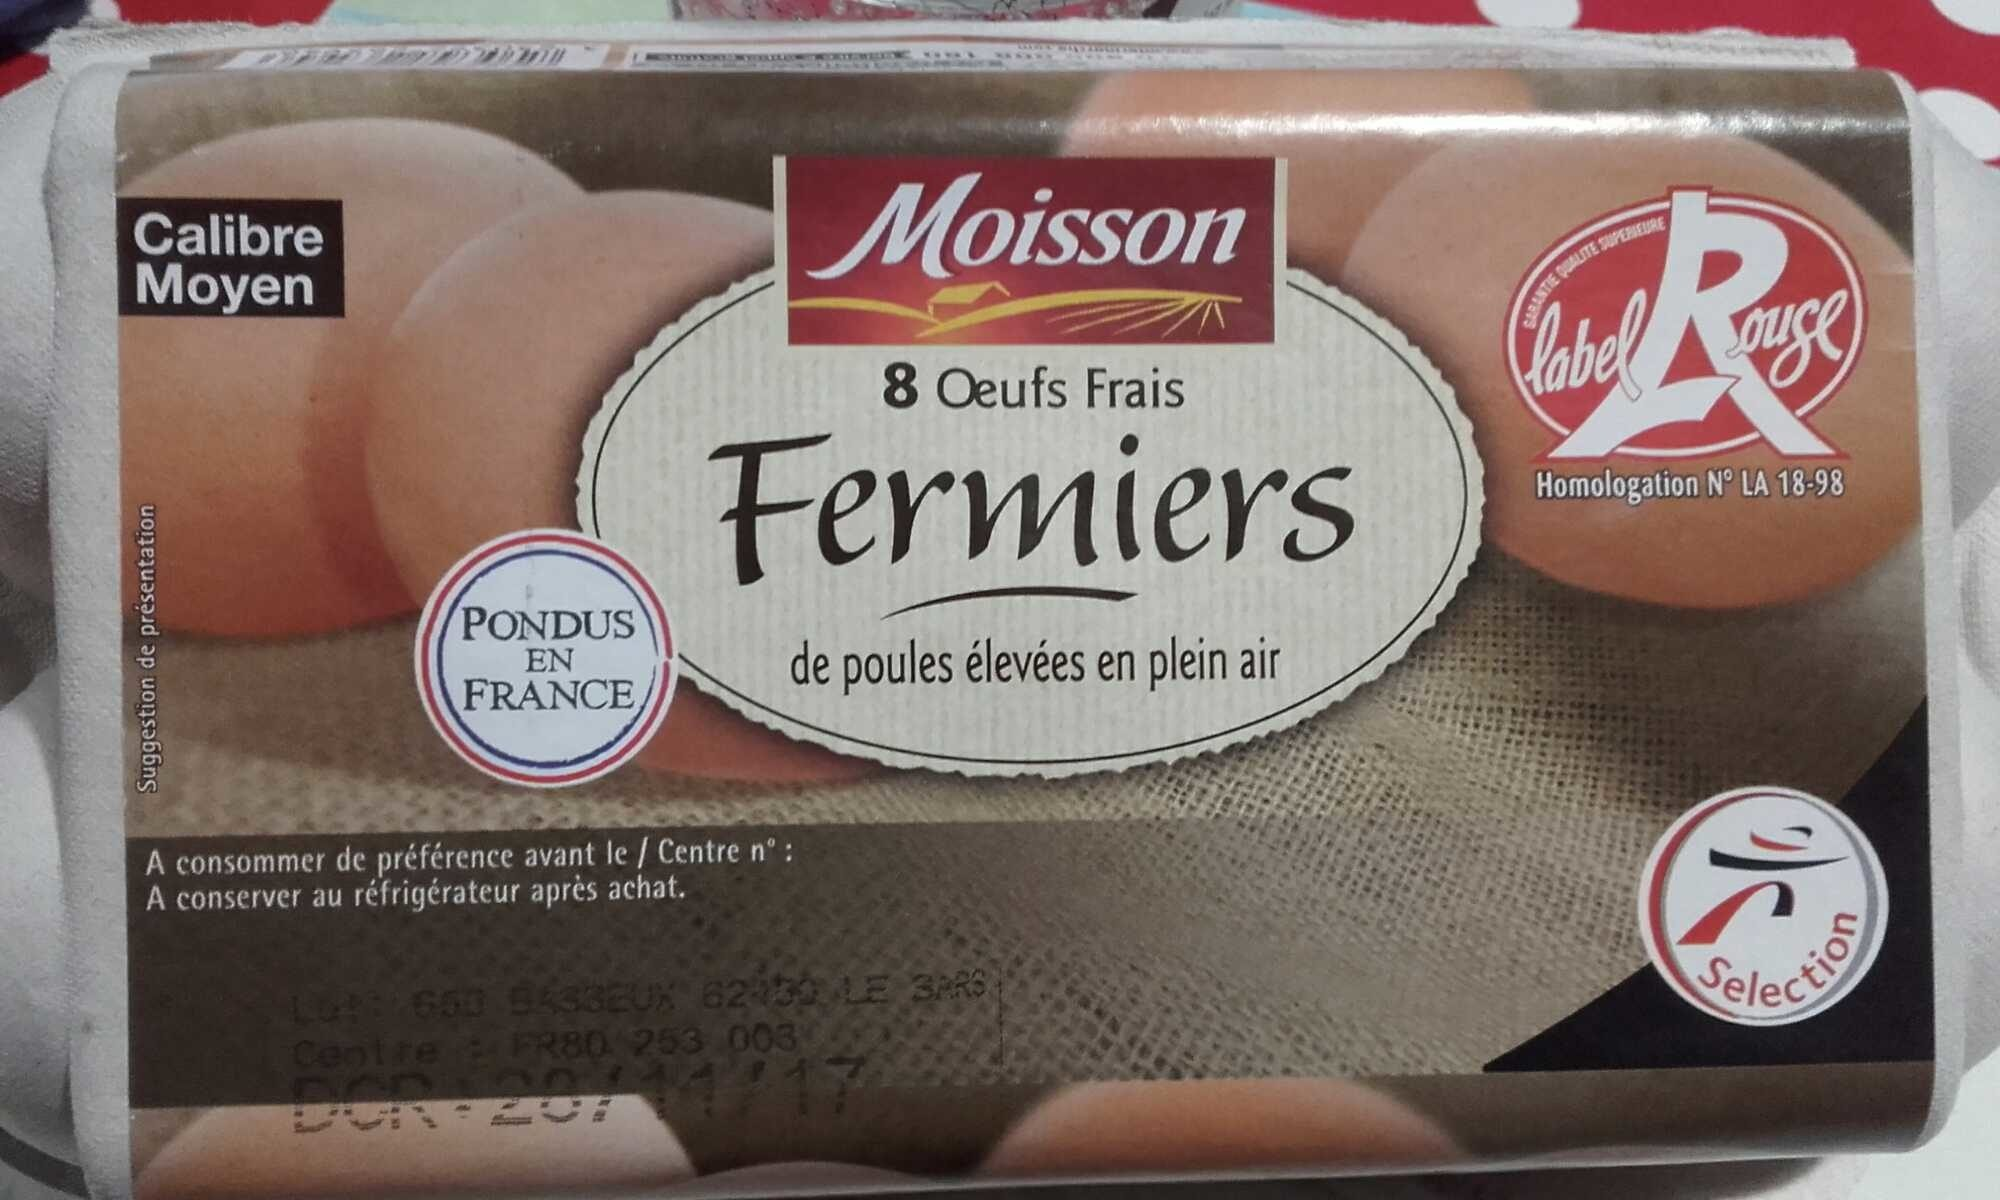 Œufs frais moyen fermiers label rouge - Product - fr